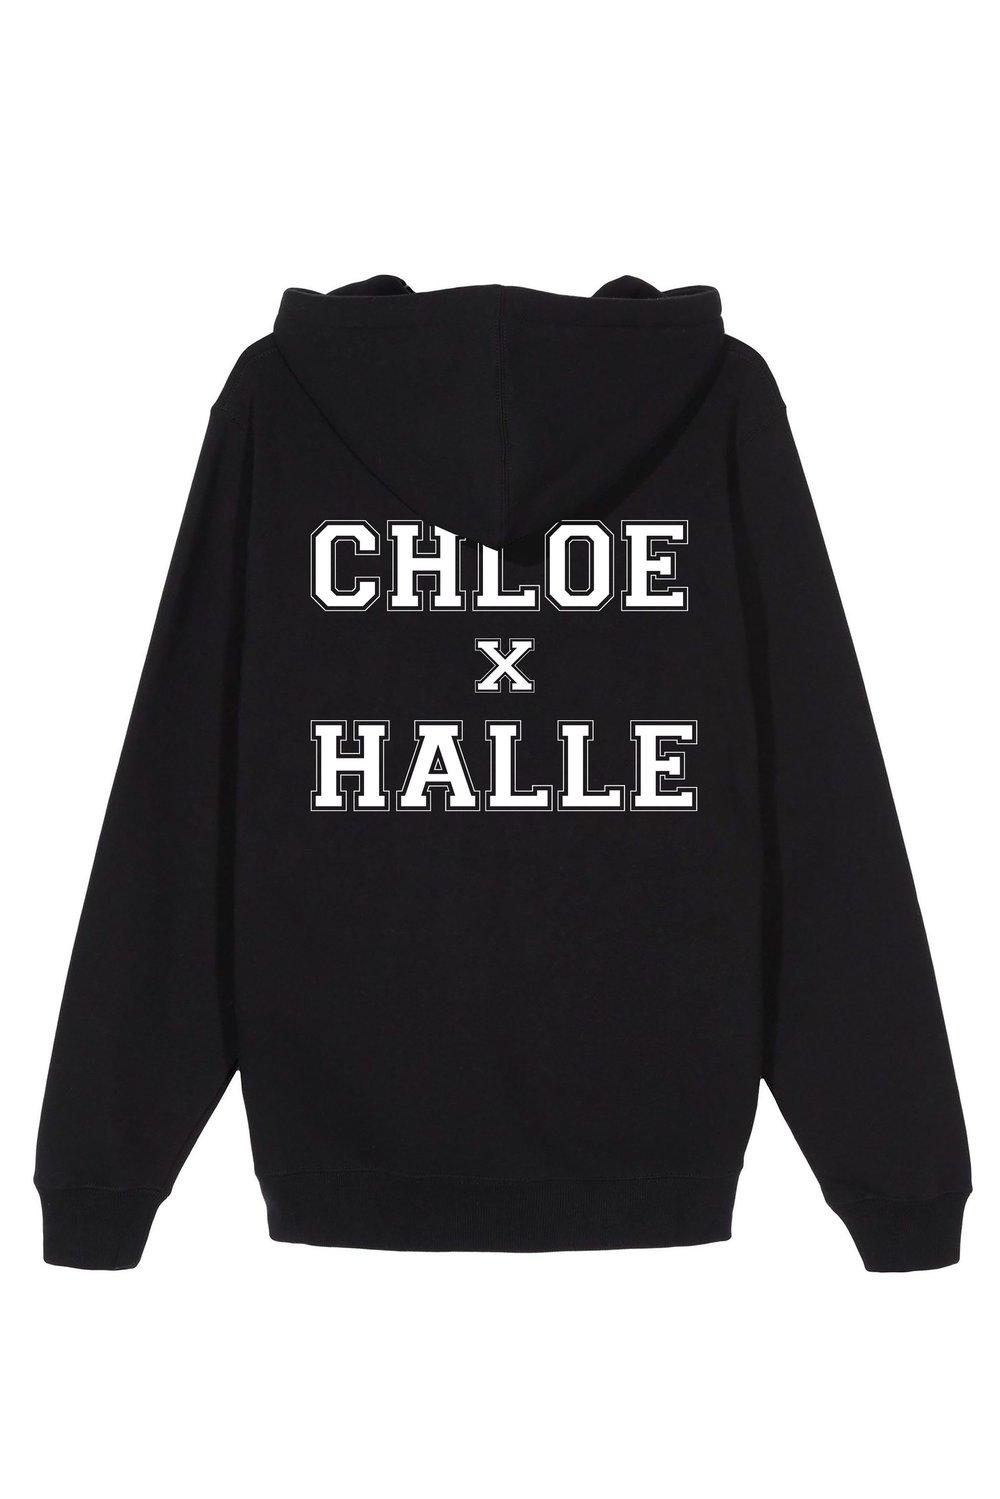 Image of Chloe X Halle X Frica Hoodie